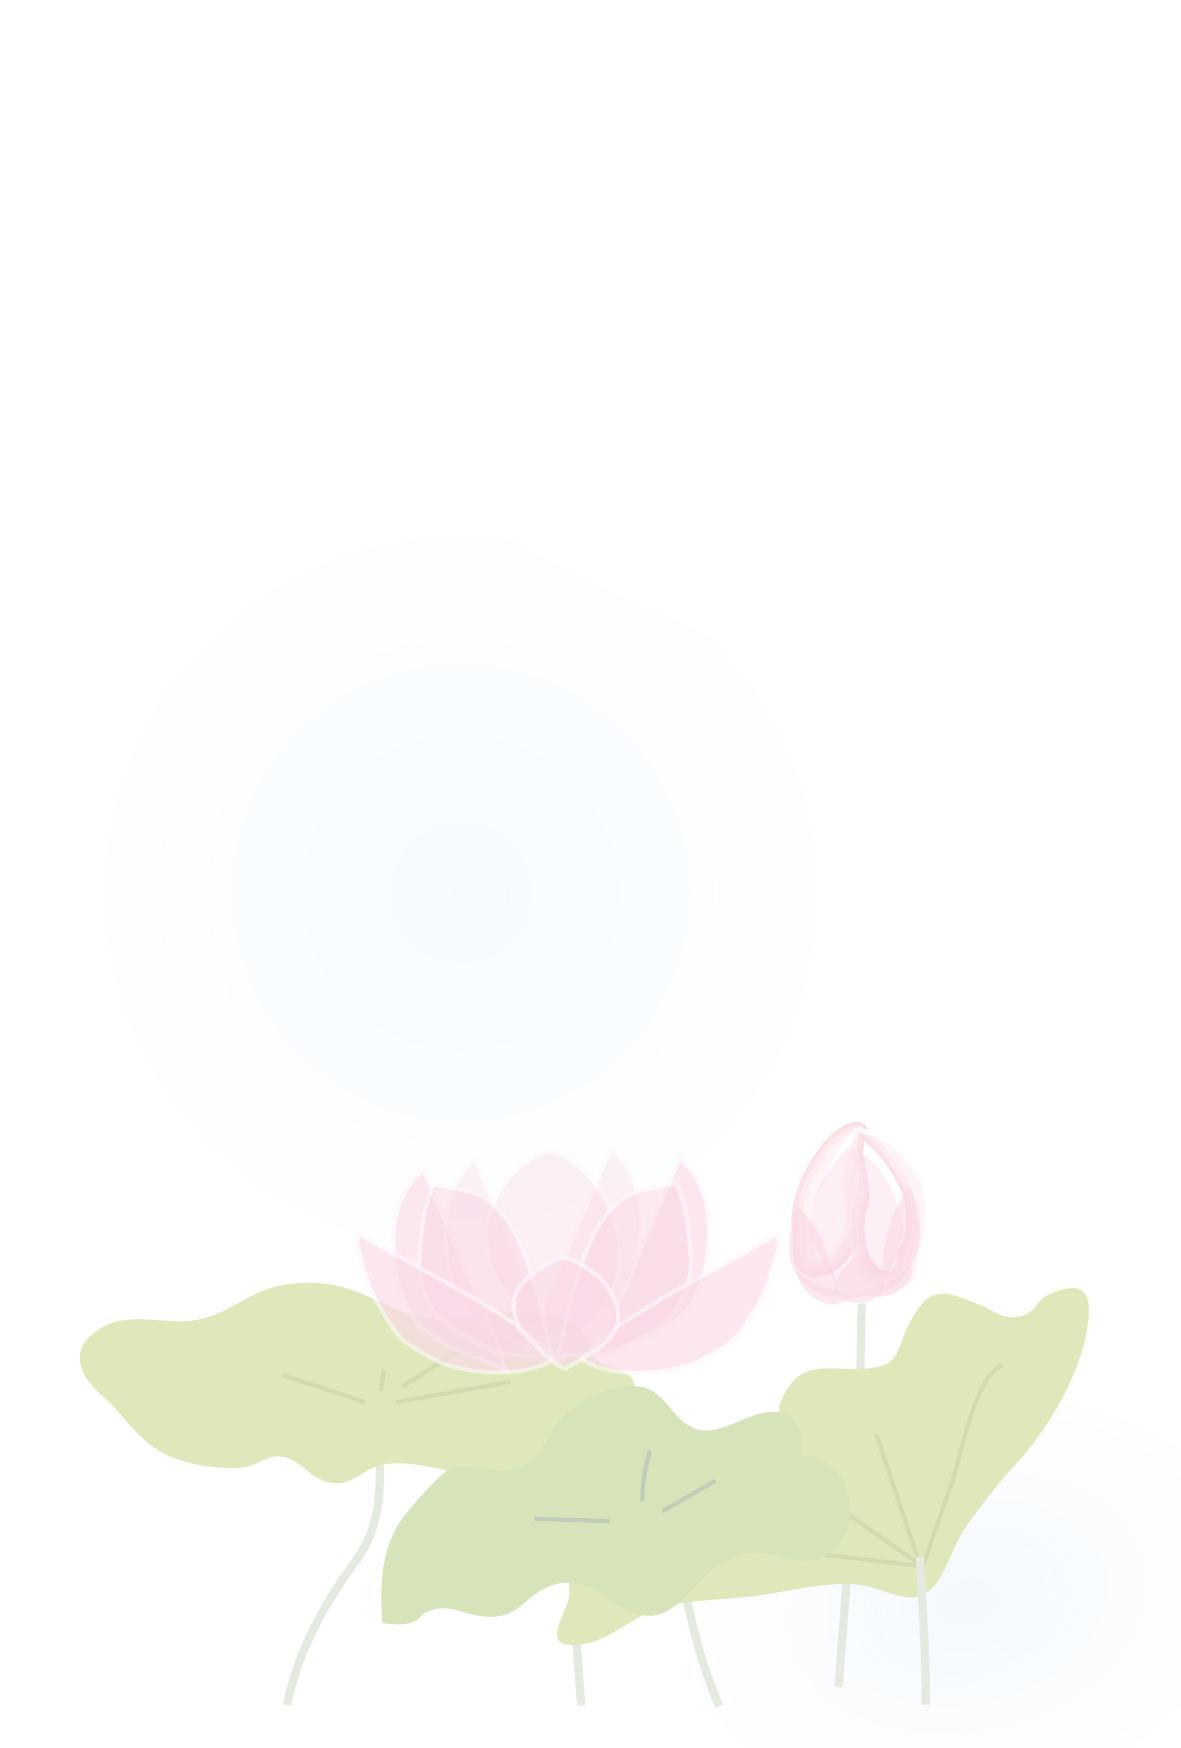 喪中はがき無料ダウンロード/蓮の花デザイン喪中はがき